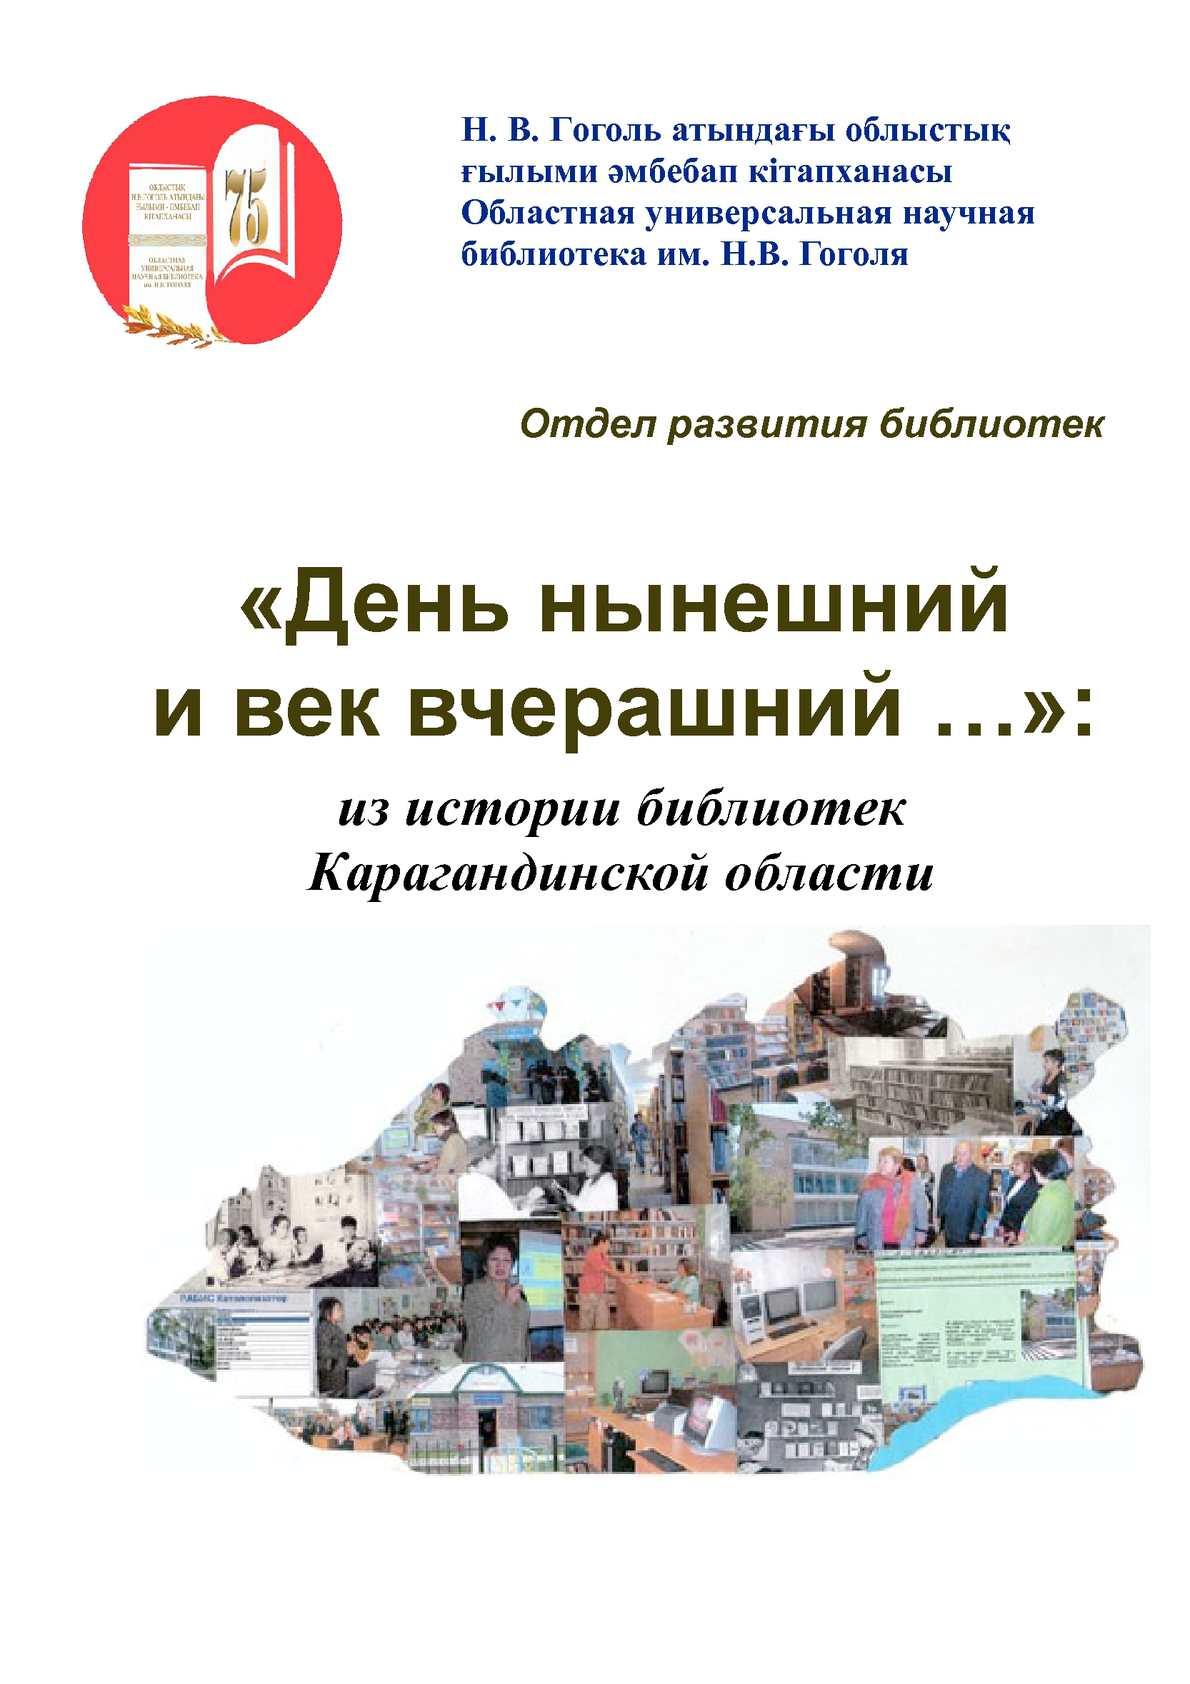 Оптимизация сайта Библиотека им. Ленина прогонка хрумером Красноуральск